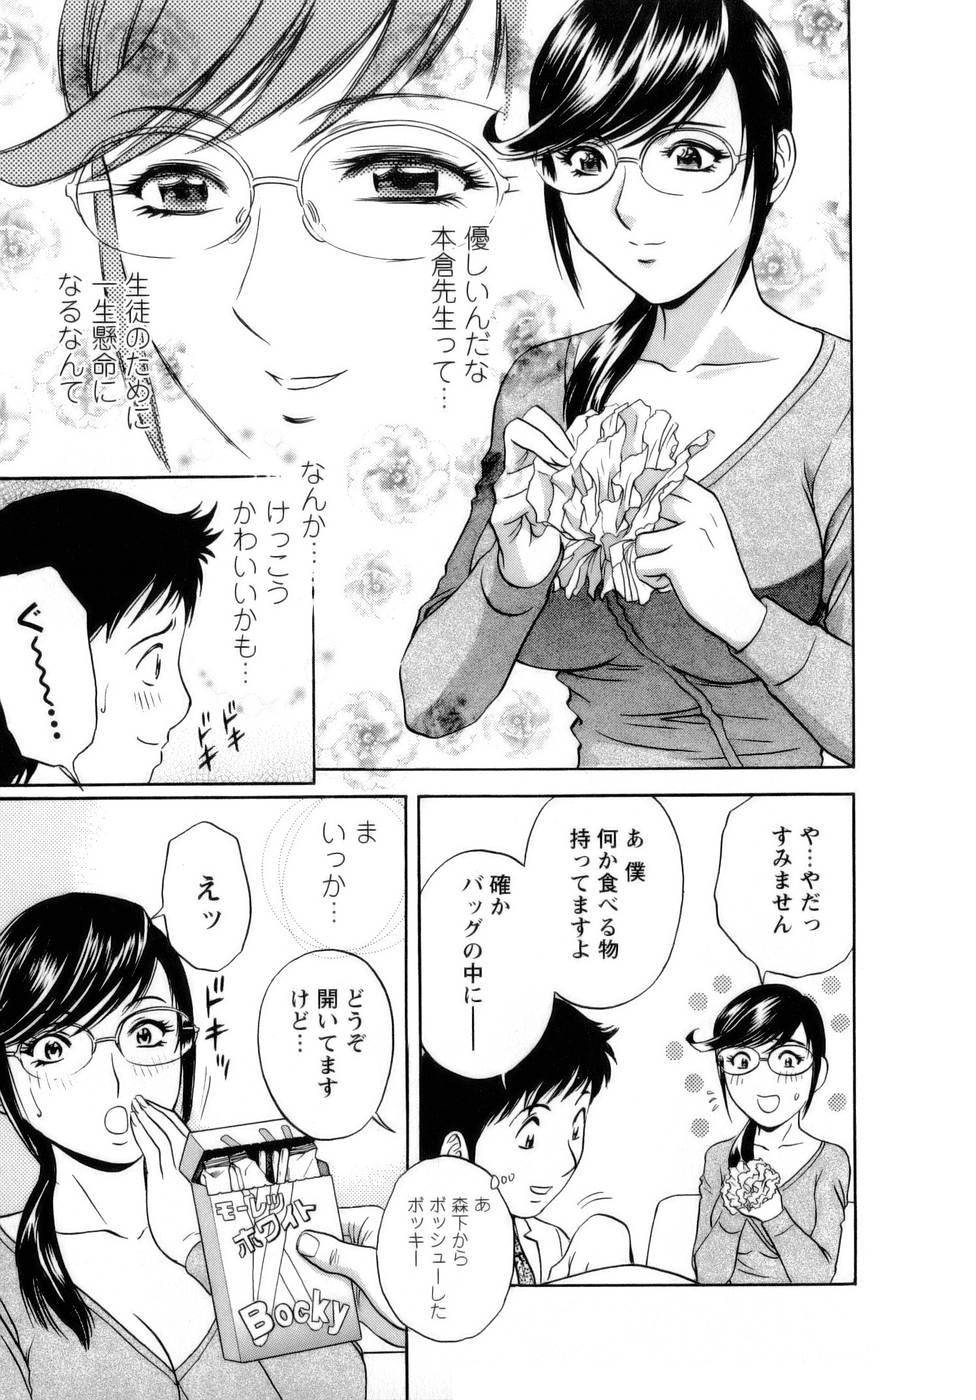 [Hidemaru] Mo-Retsu! Boin Sensei (Boing Boing Teacher) Vol.1 118